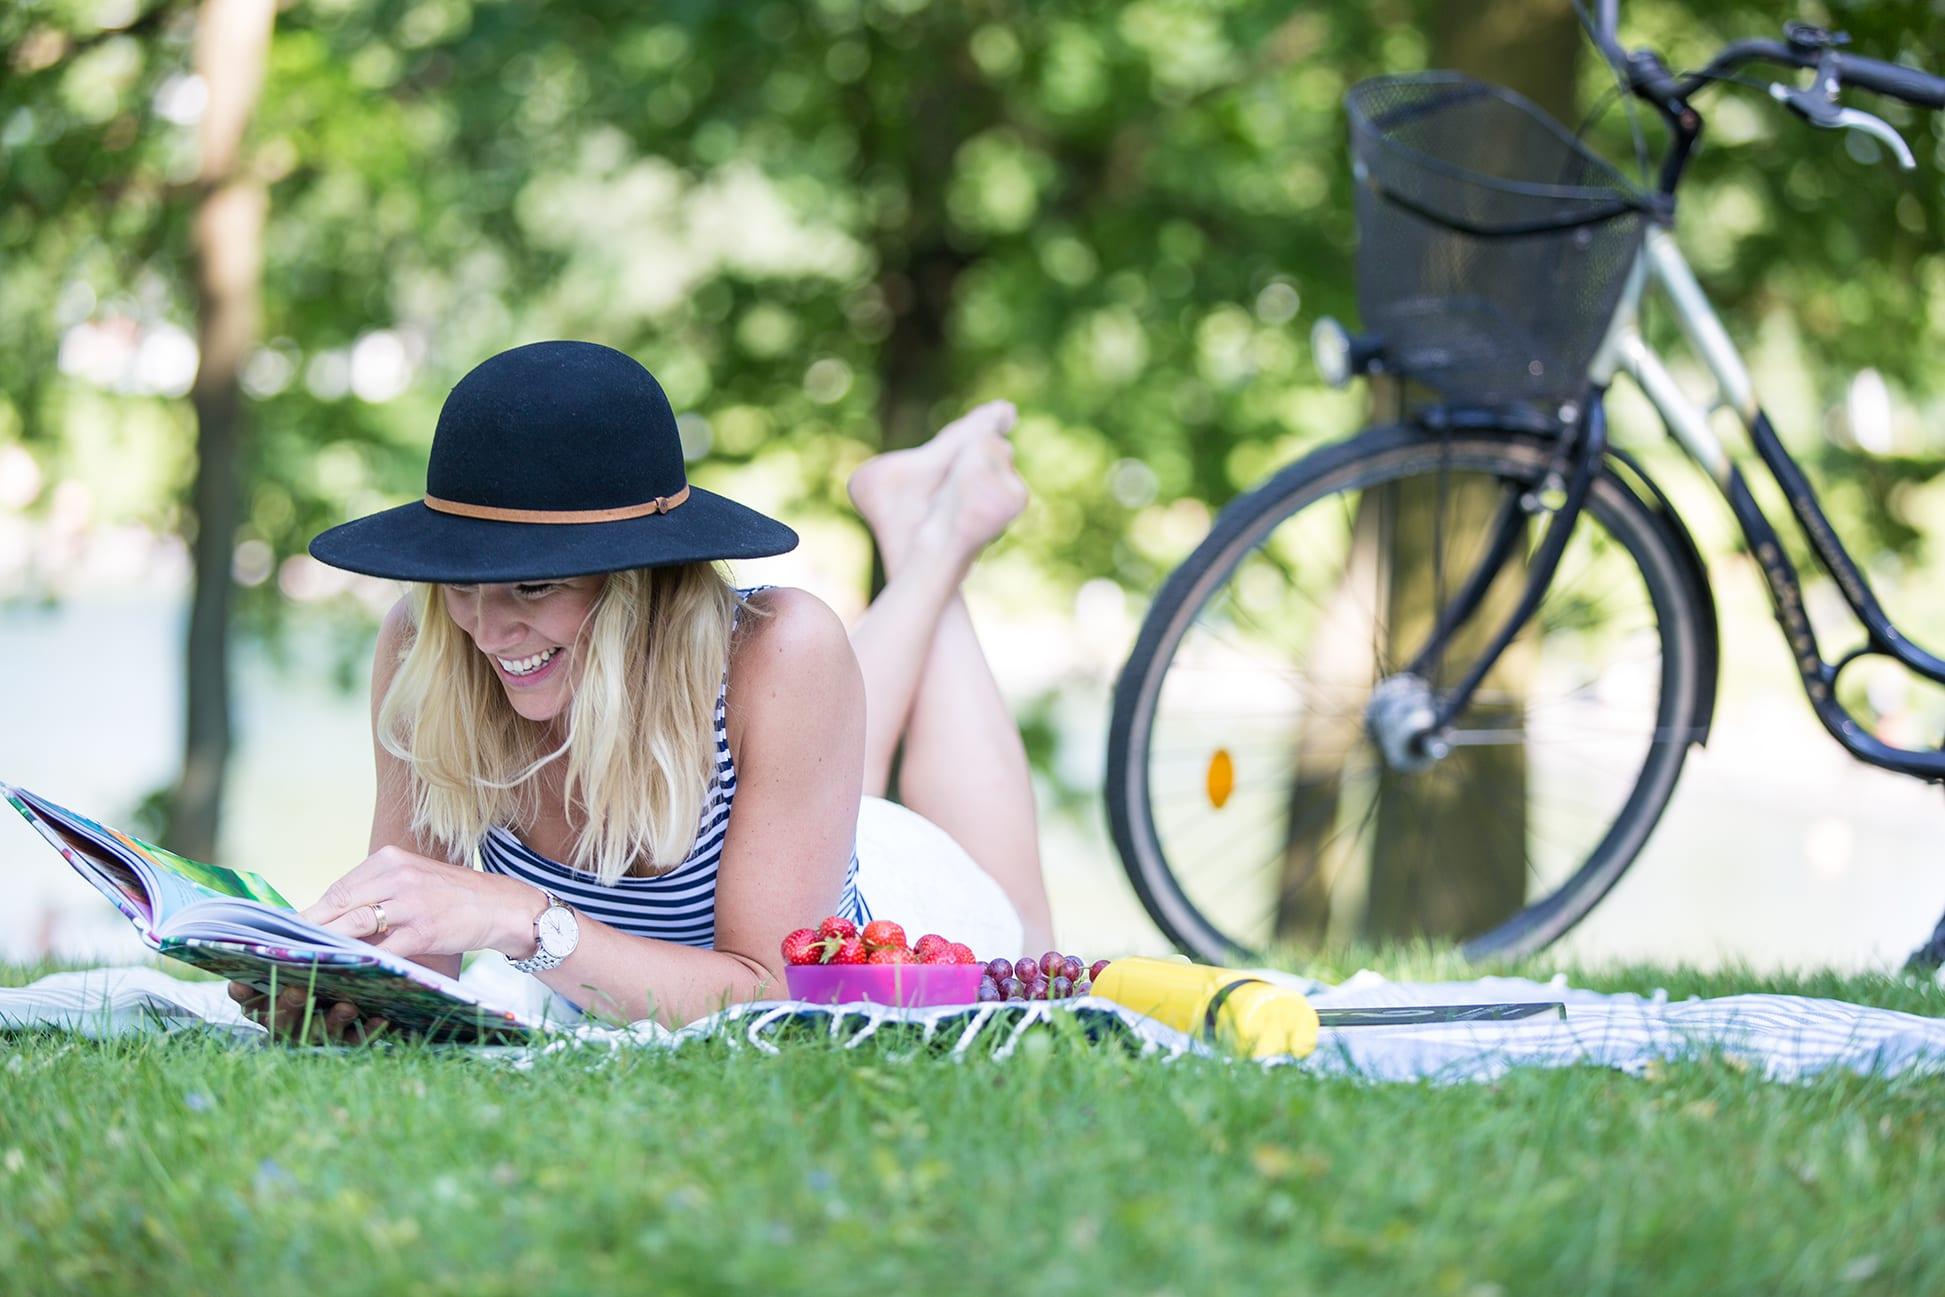 reklamfotograf tjej cykel hatt-skovde-tuana-01